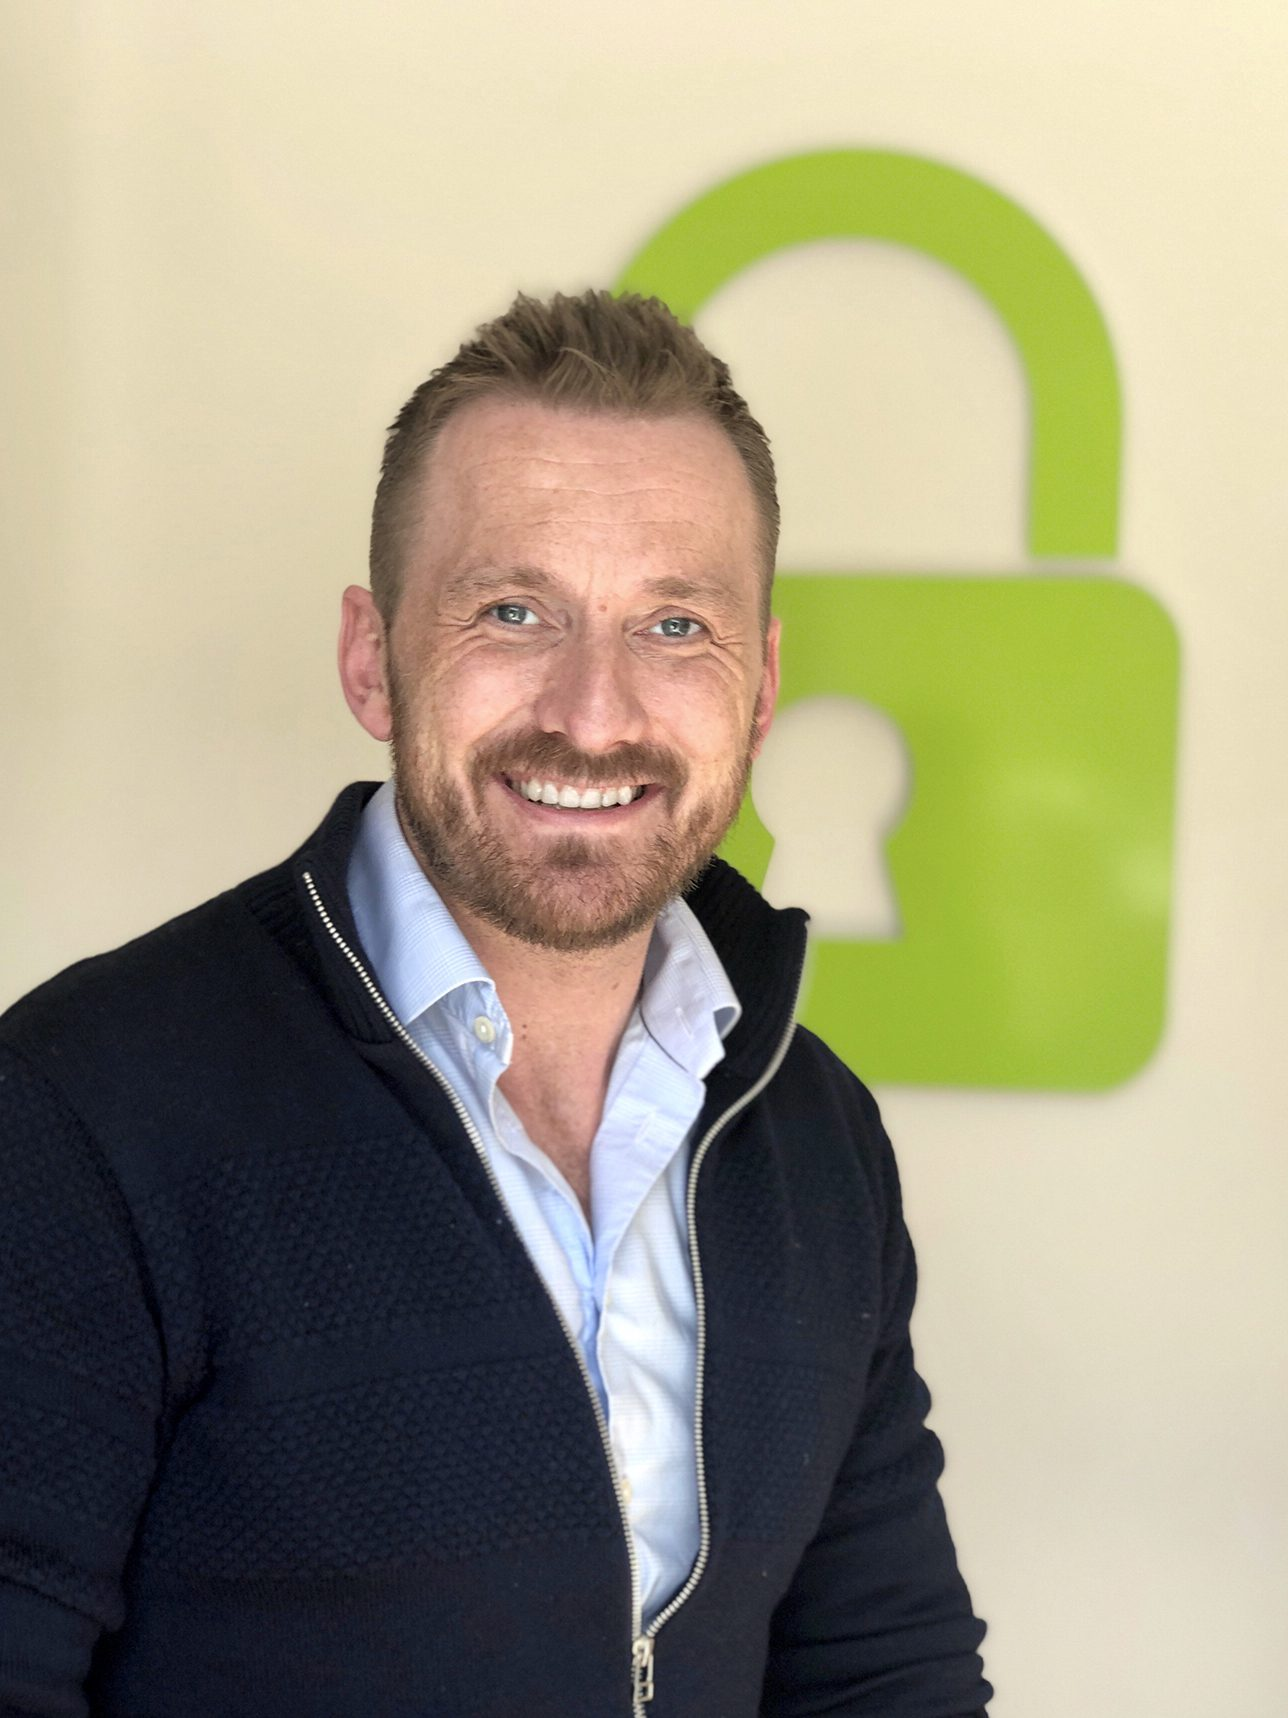 Rúni Brimvík, Founder/CEO at Geymin sp/f